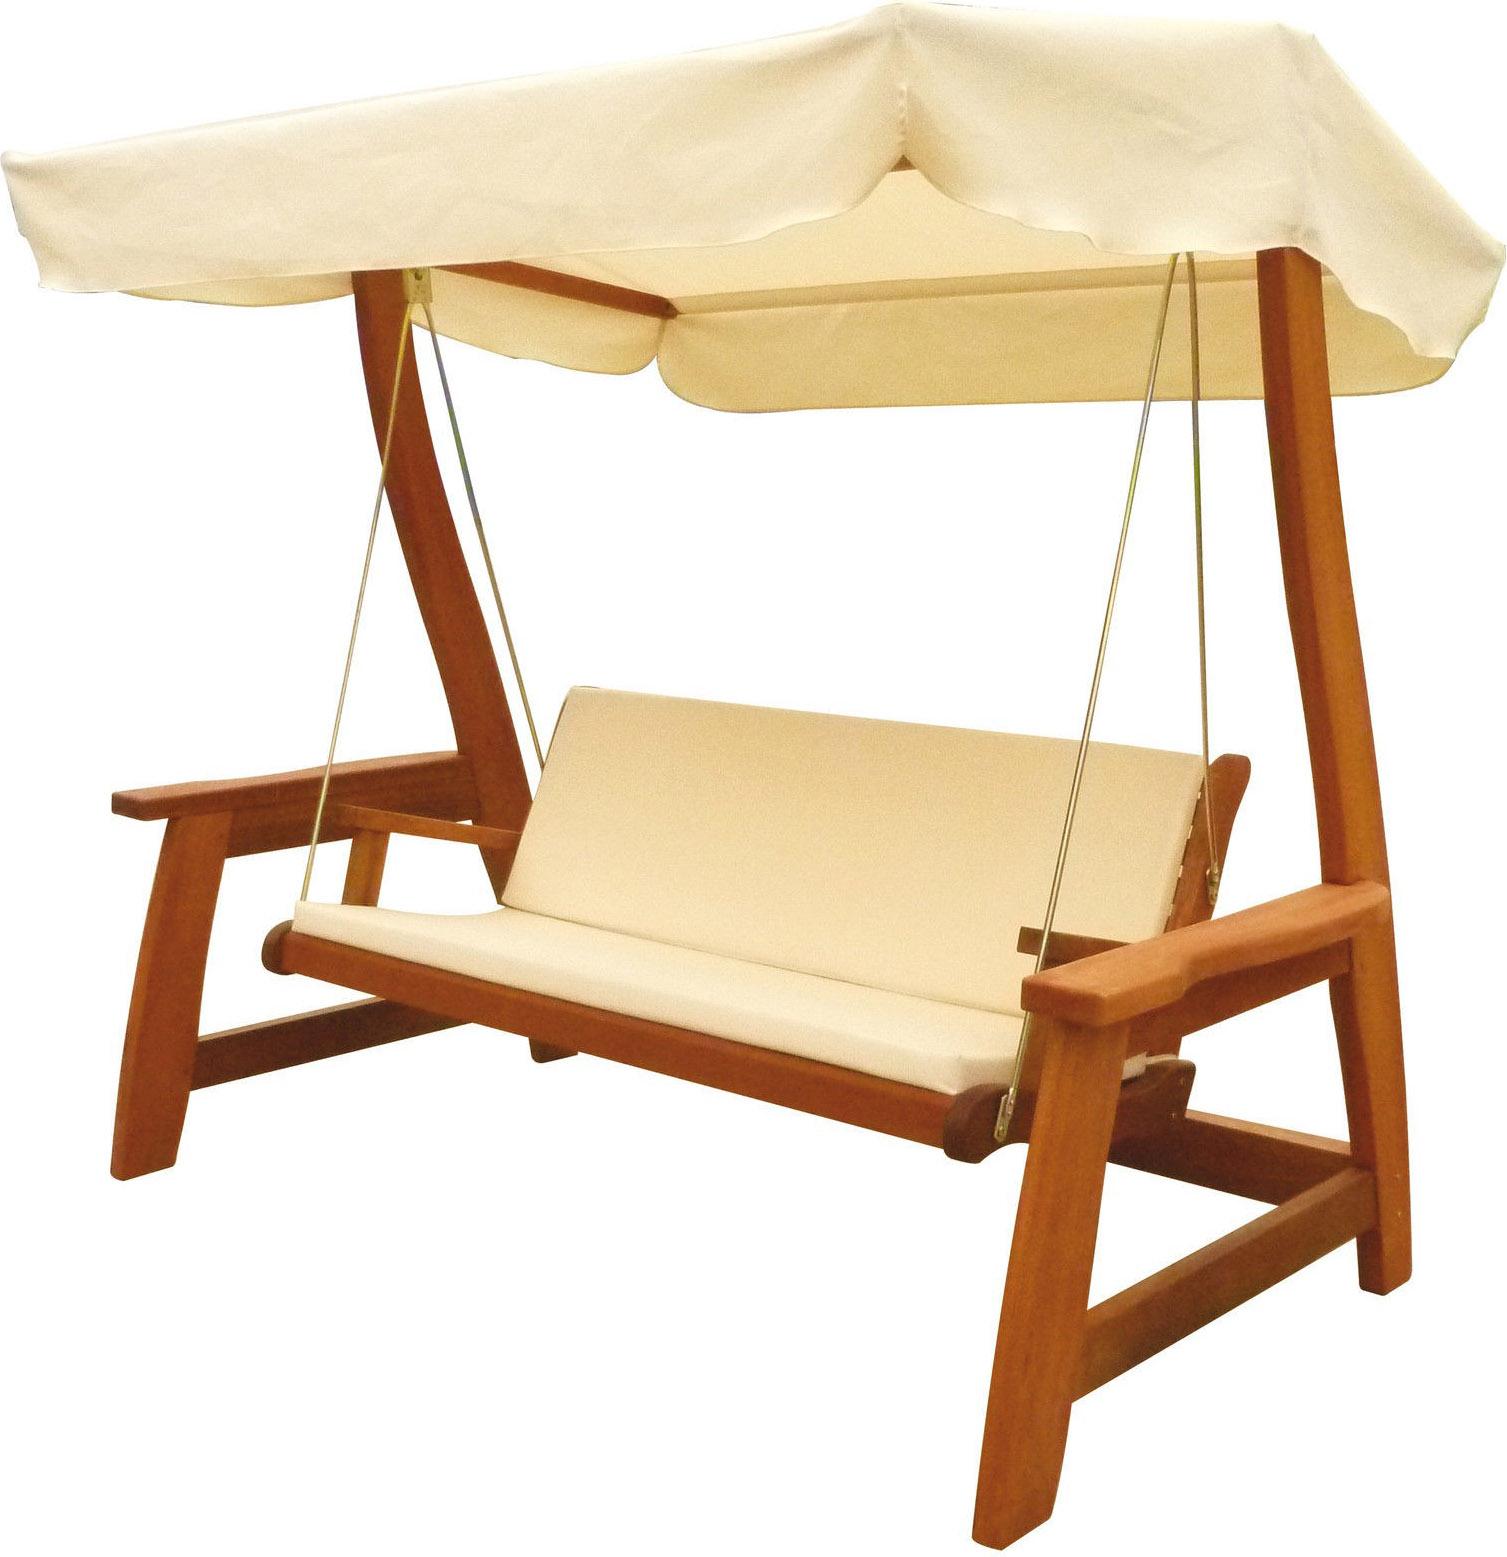 Meranti accessorio cuscino e seduta per dondolo 3 posti da - Cuscino per sedia a dondolo ...